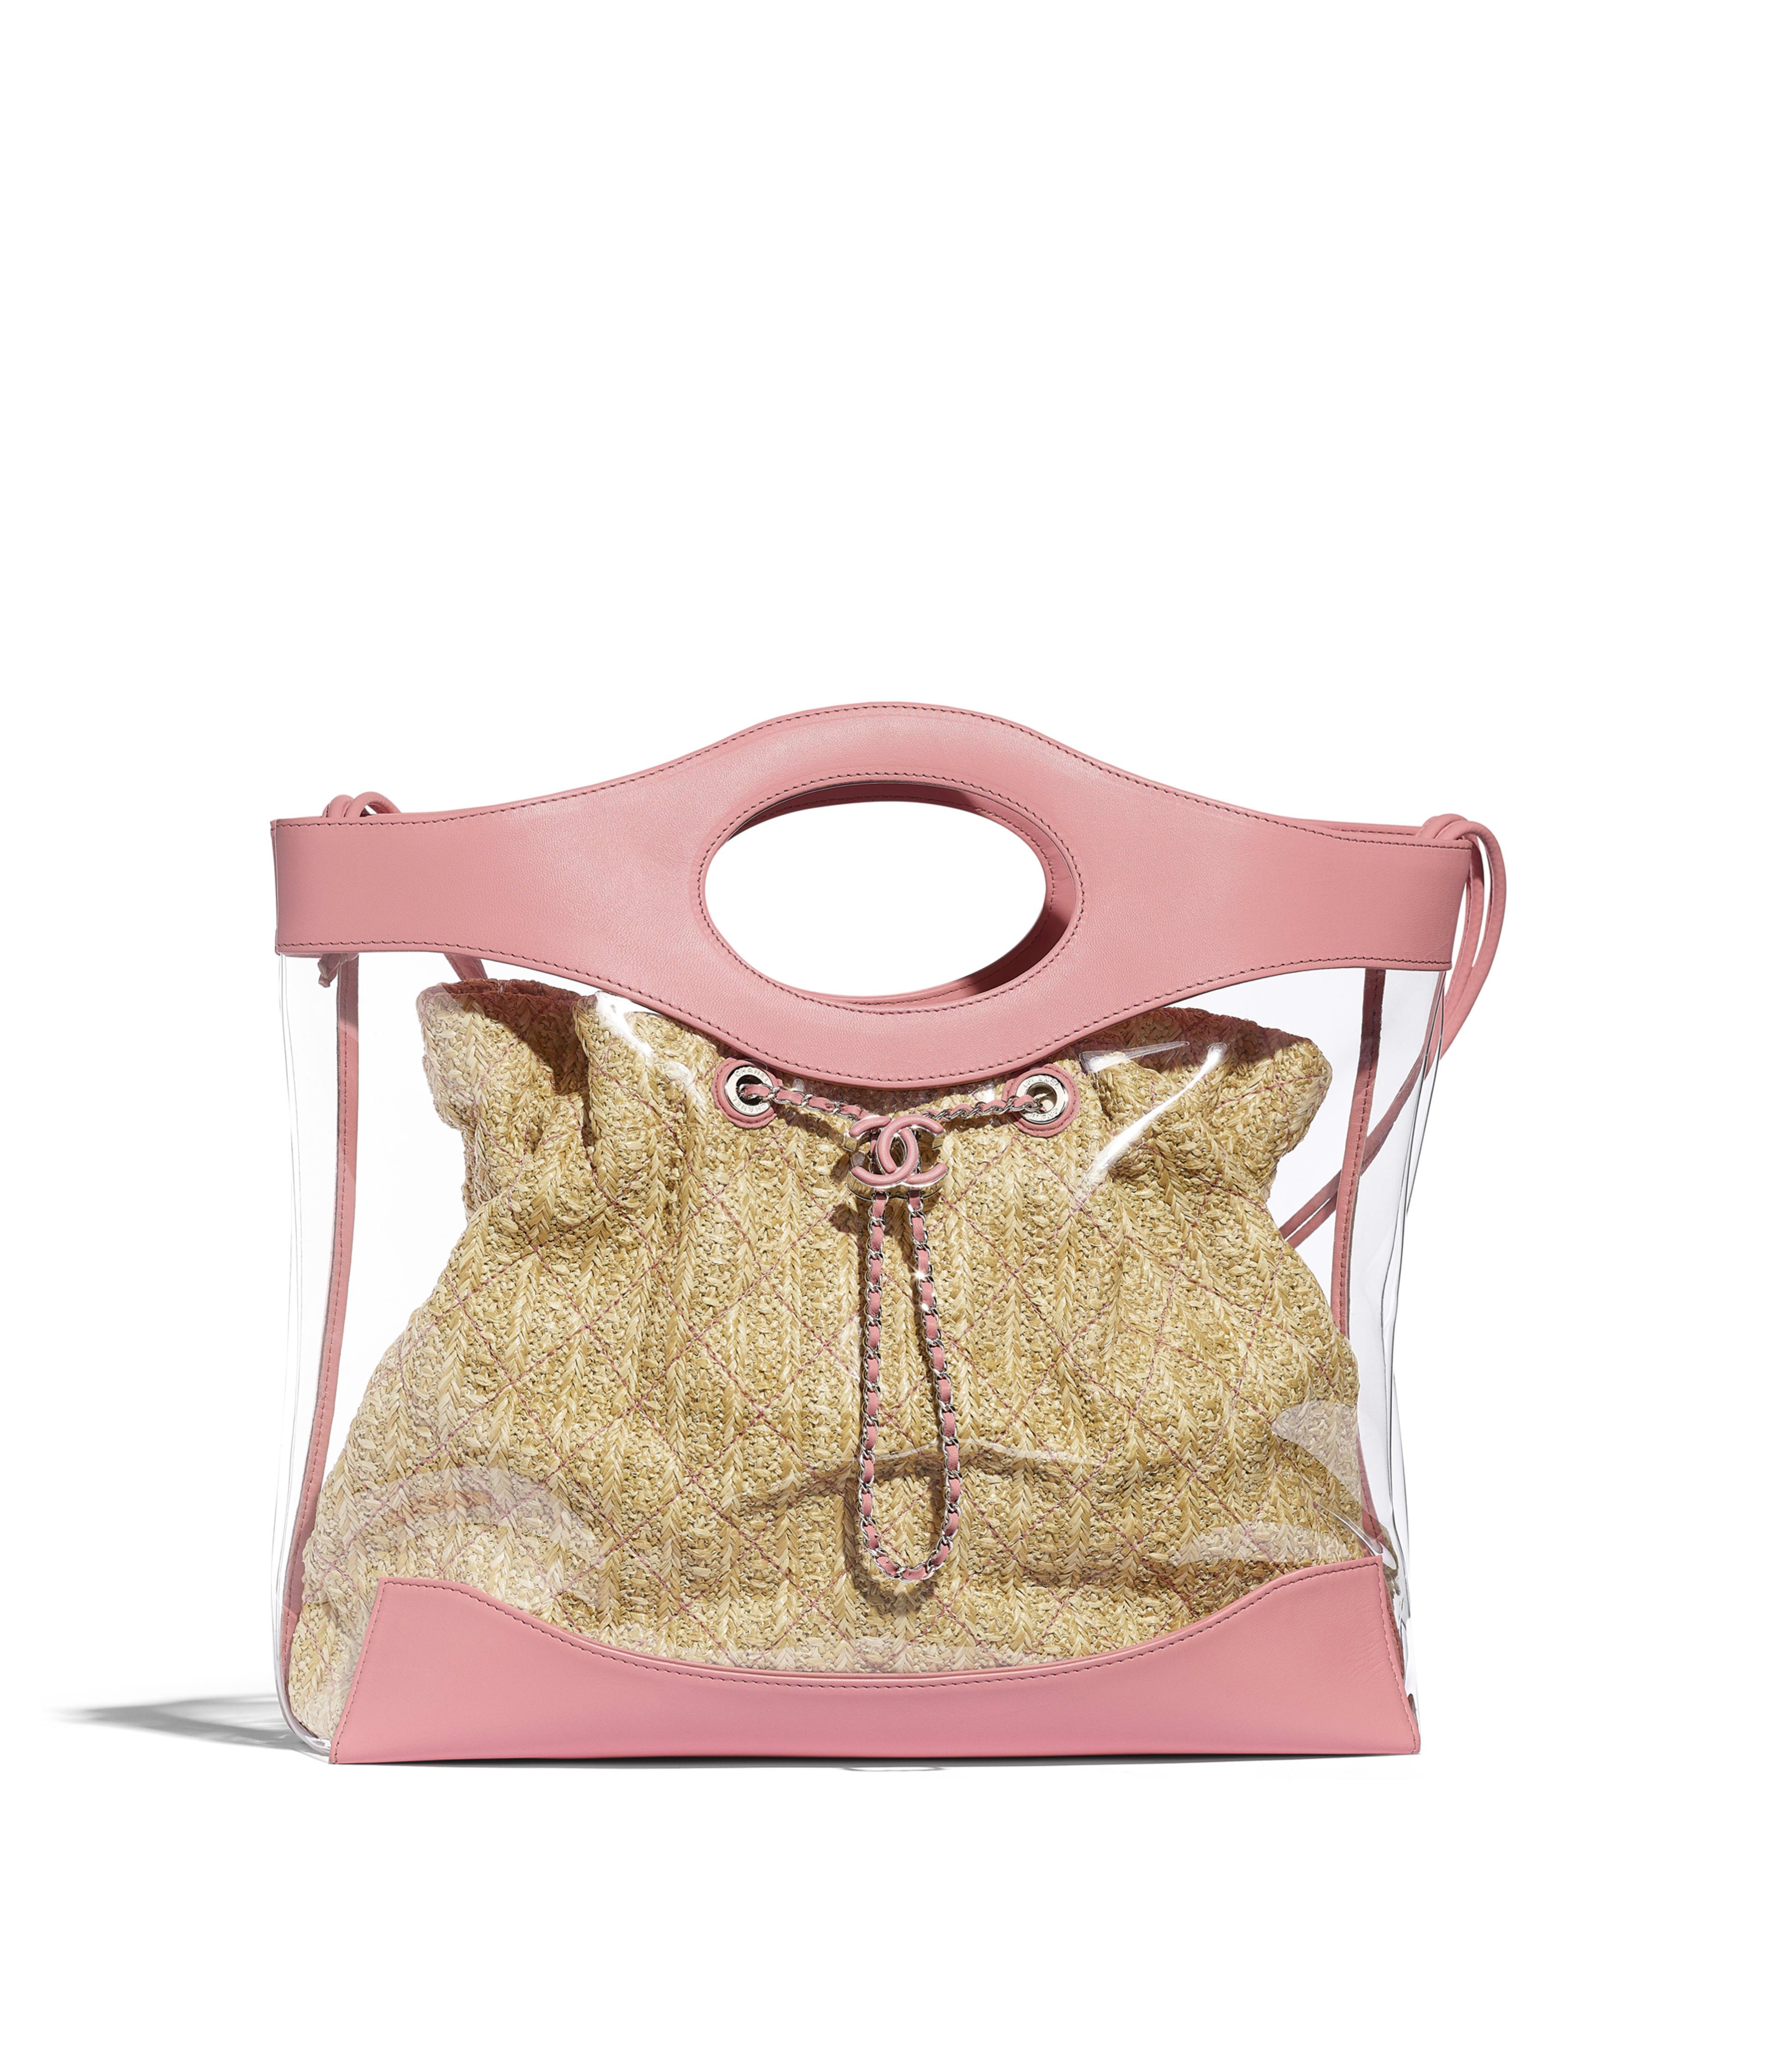 505e5db2dbcc CHANEL 31 Shopping Bag PVC